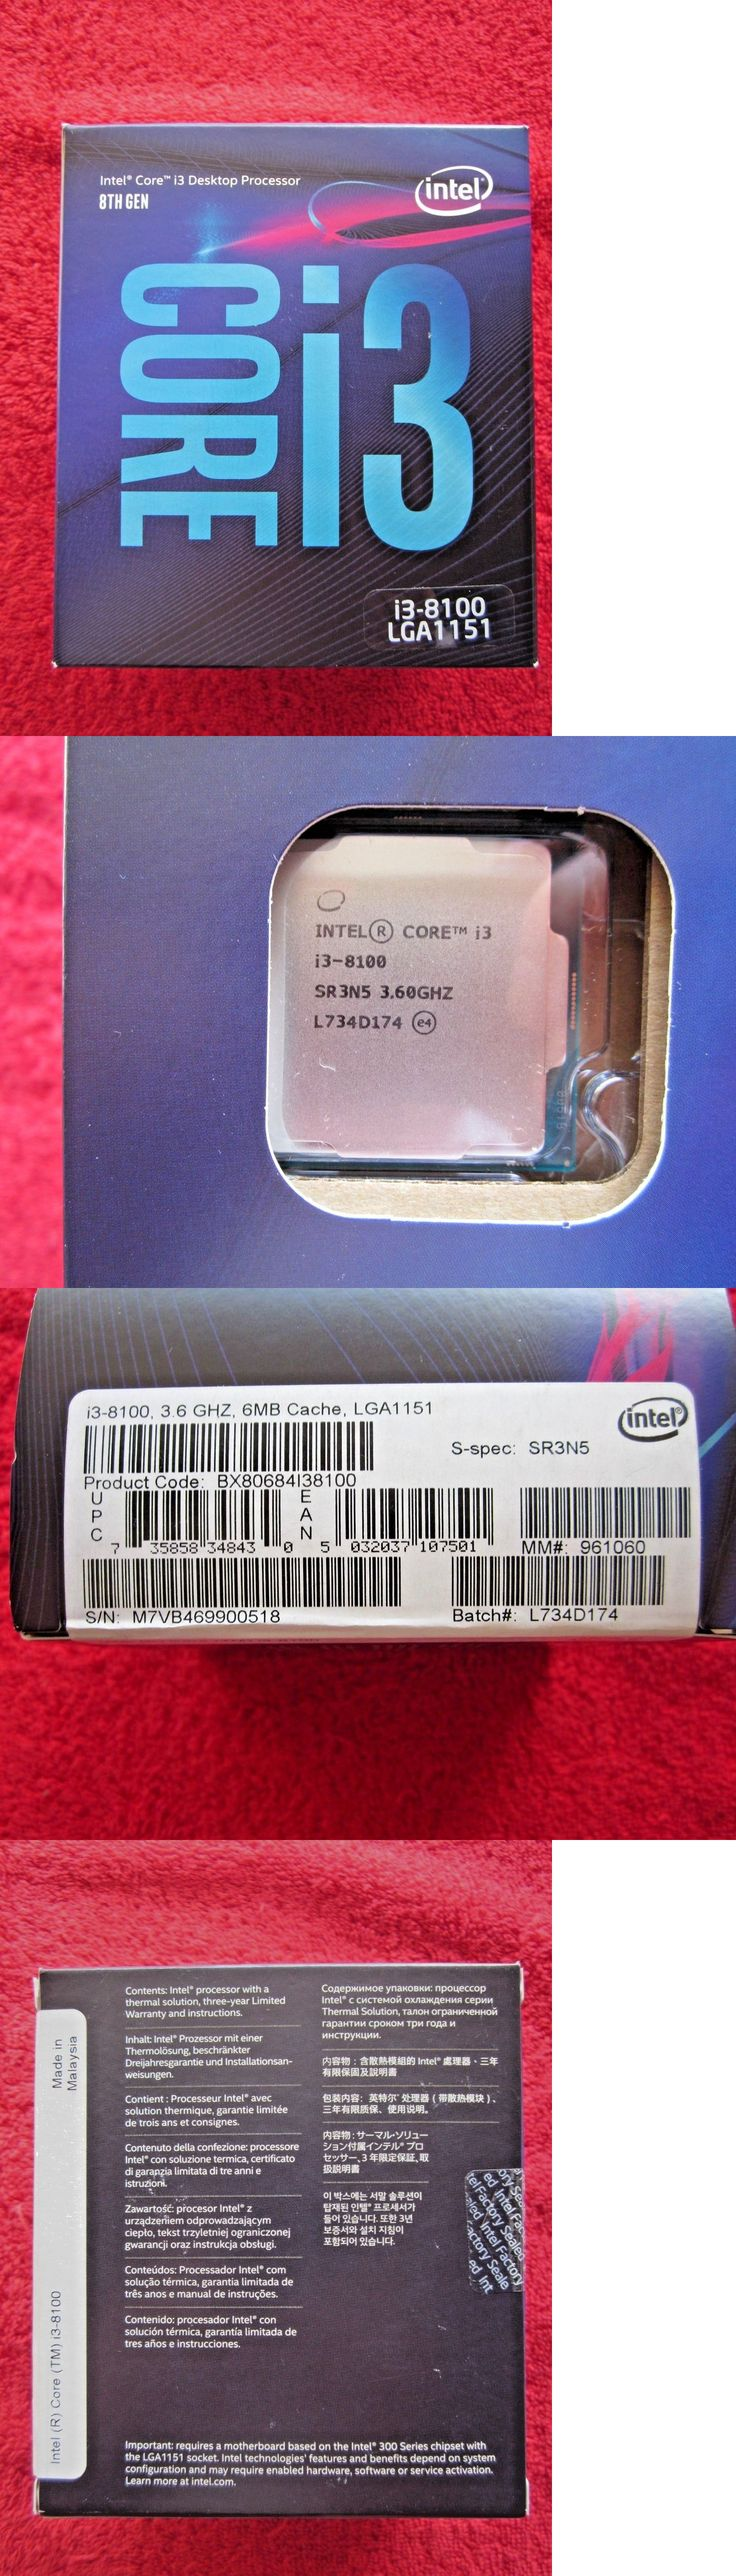 Computer Components And Parts 175673 New Sealed Intel Core I3 8100 Quad Core Lga 1151 300 Series Cpu Retai Intel Computer Components